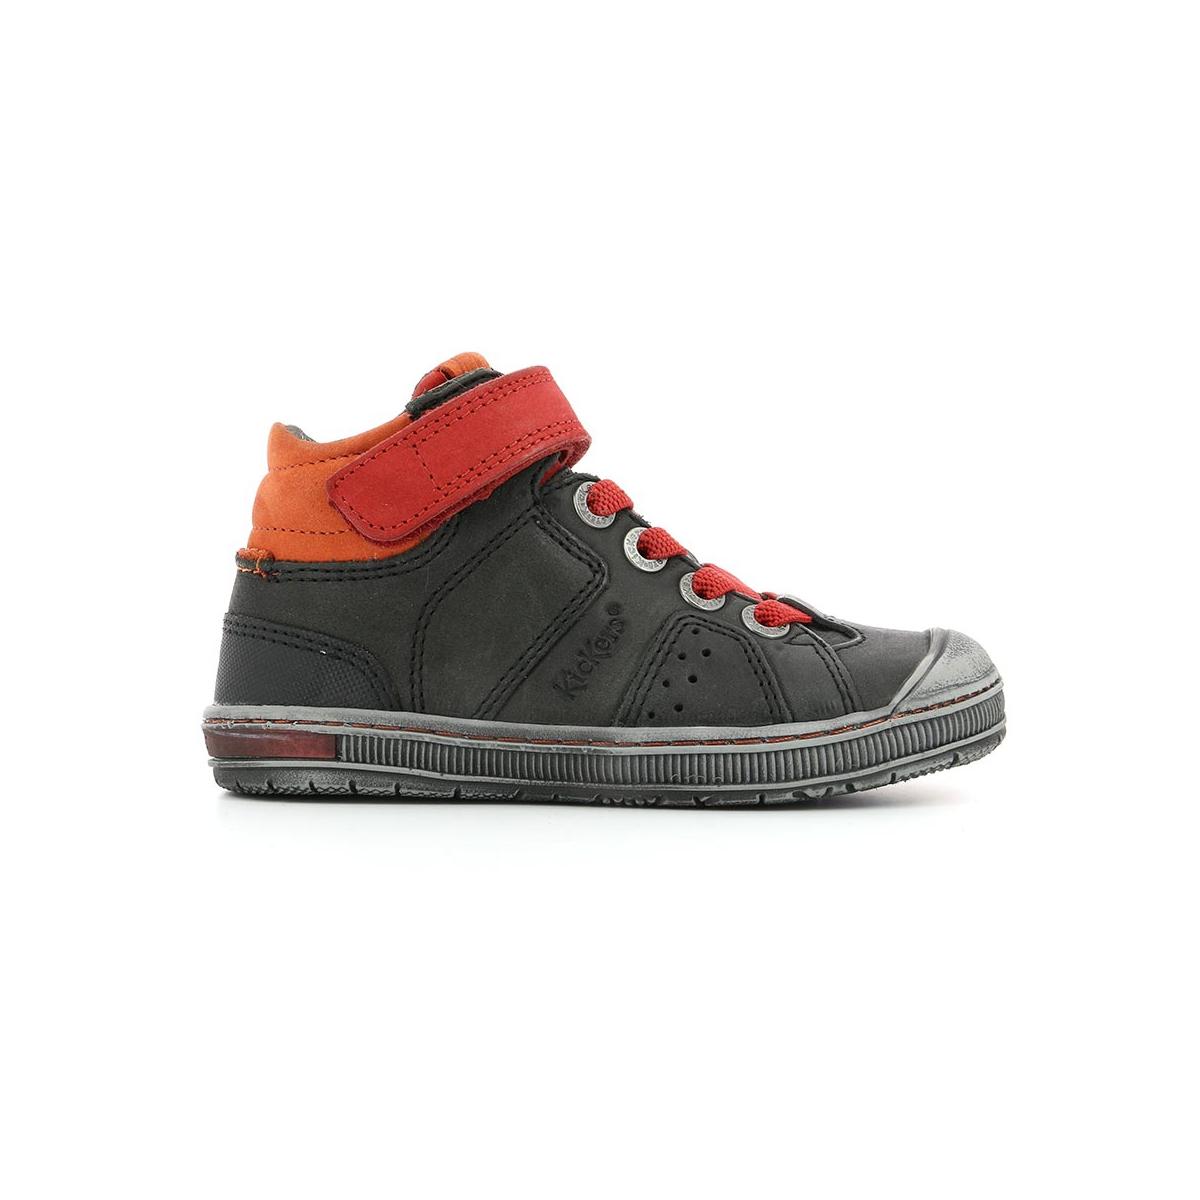 Chaussures Fonce Rouge Enfant Gris Iguane Kickers rqrwv